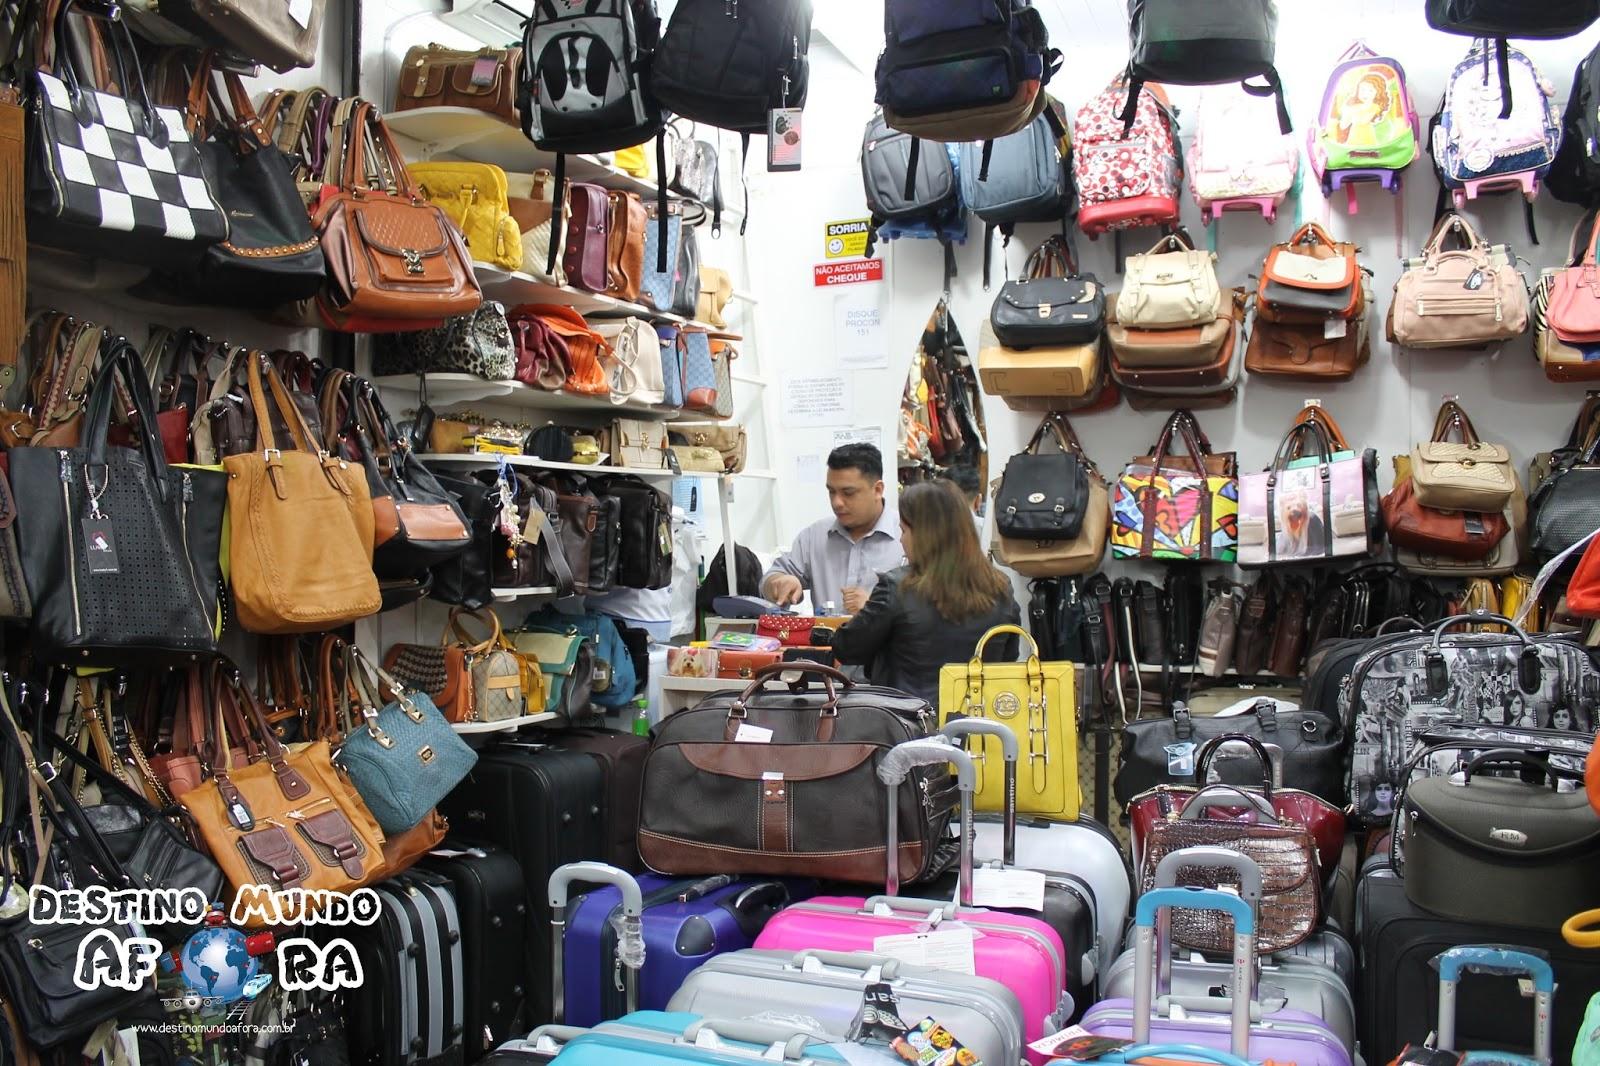 ac074d948 ... perfumes importados, celulares, malas, tablets, charutos, instrumentos  para pesca, produtos de beleza e até máquinas fotográficas (além de muitas  outras ...